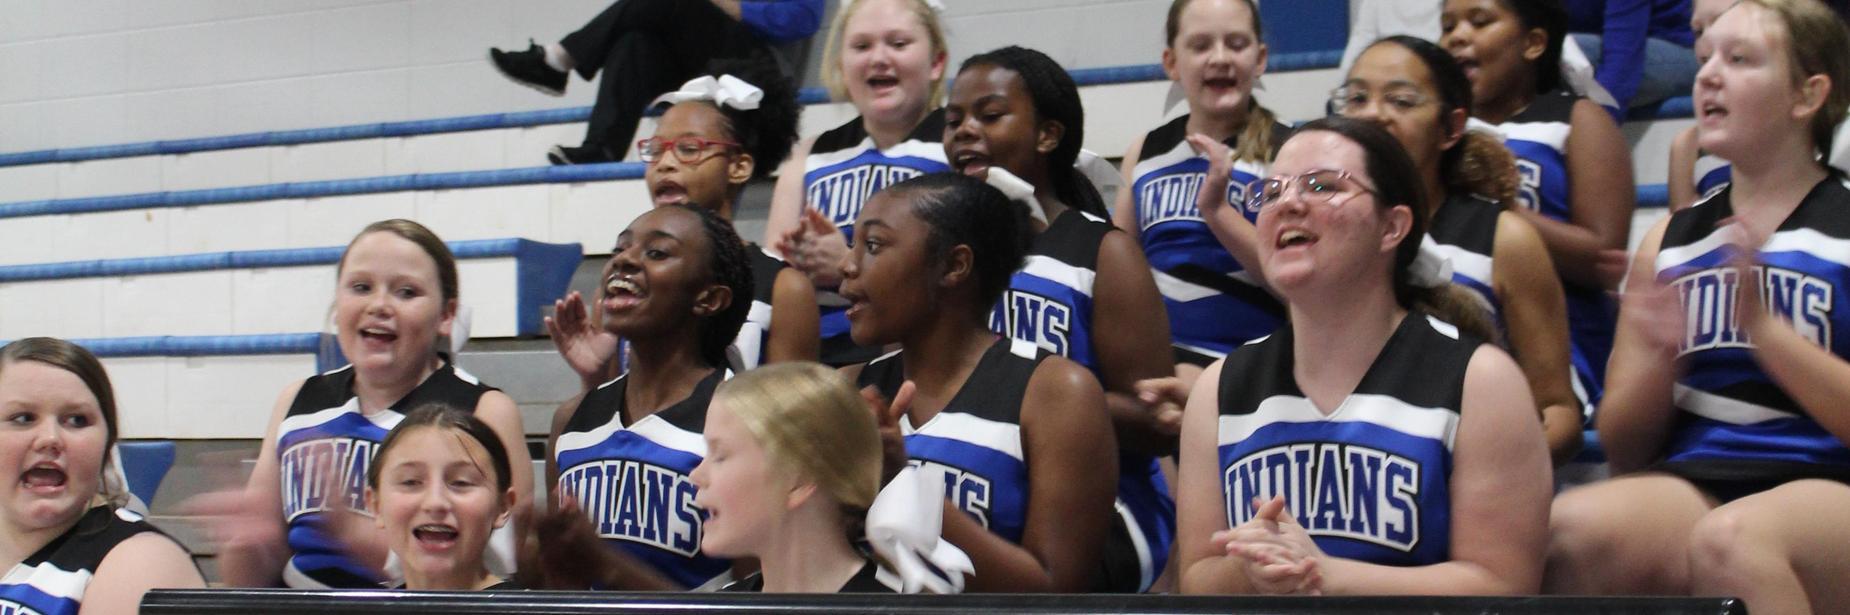 GRS Cheerleaders